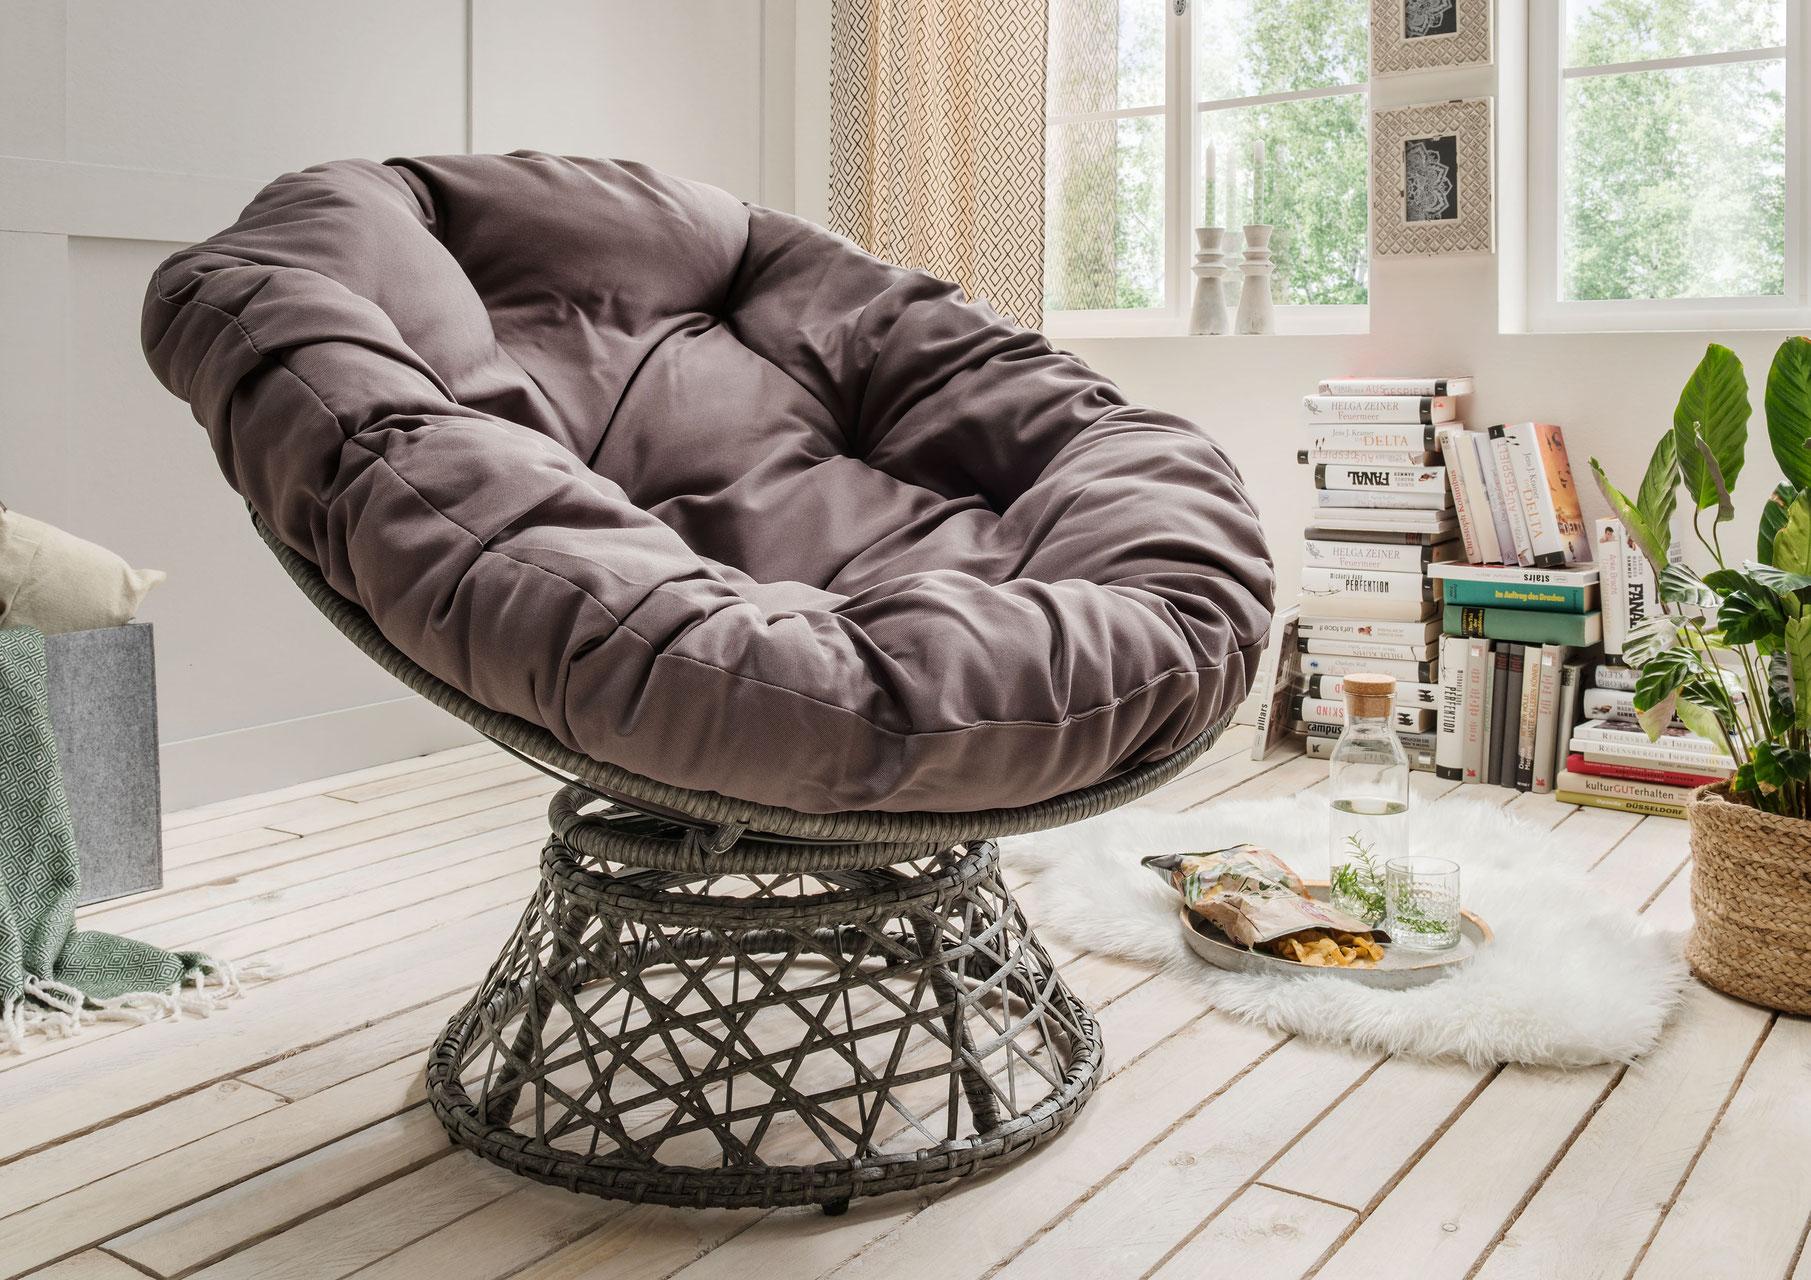 h ng mal ab haus garten onlineshop loungem bel polyrattanm bel geflechtm bel teakholz. Black Bedroom Furniture Sets. Home Design Ideas